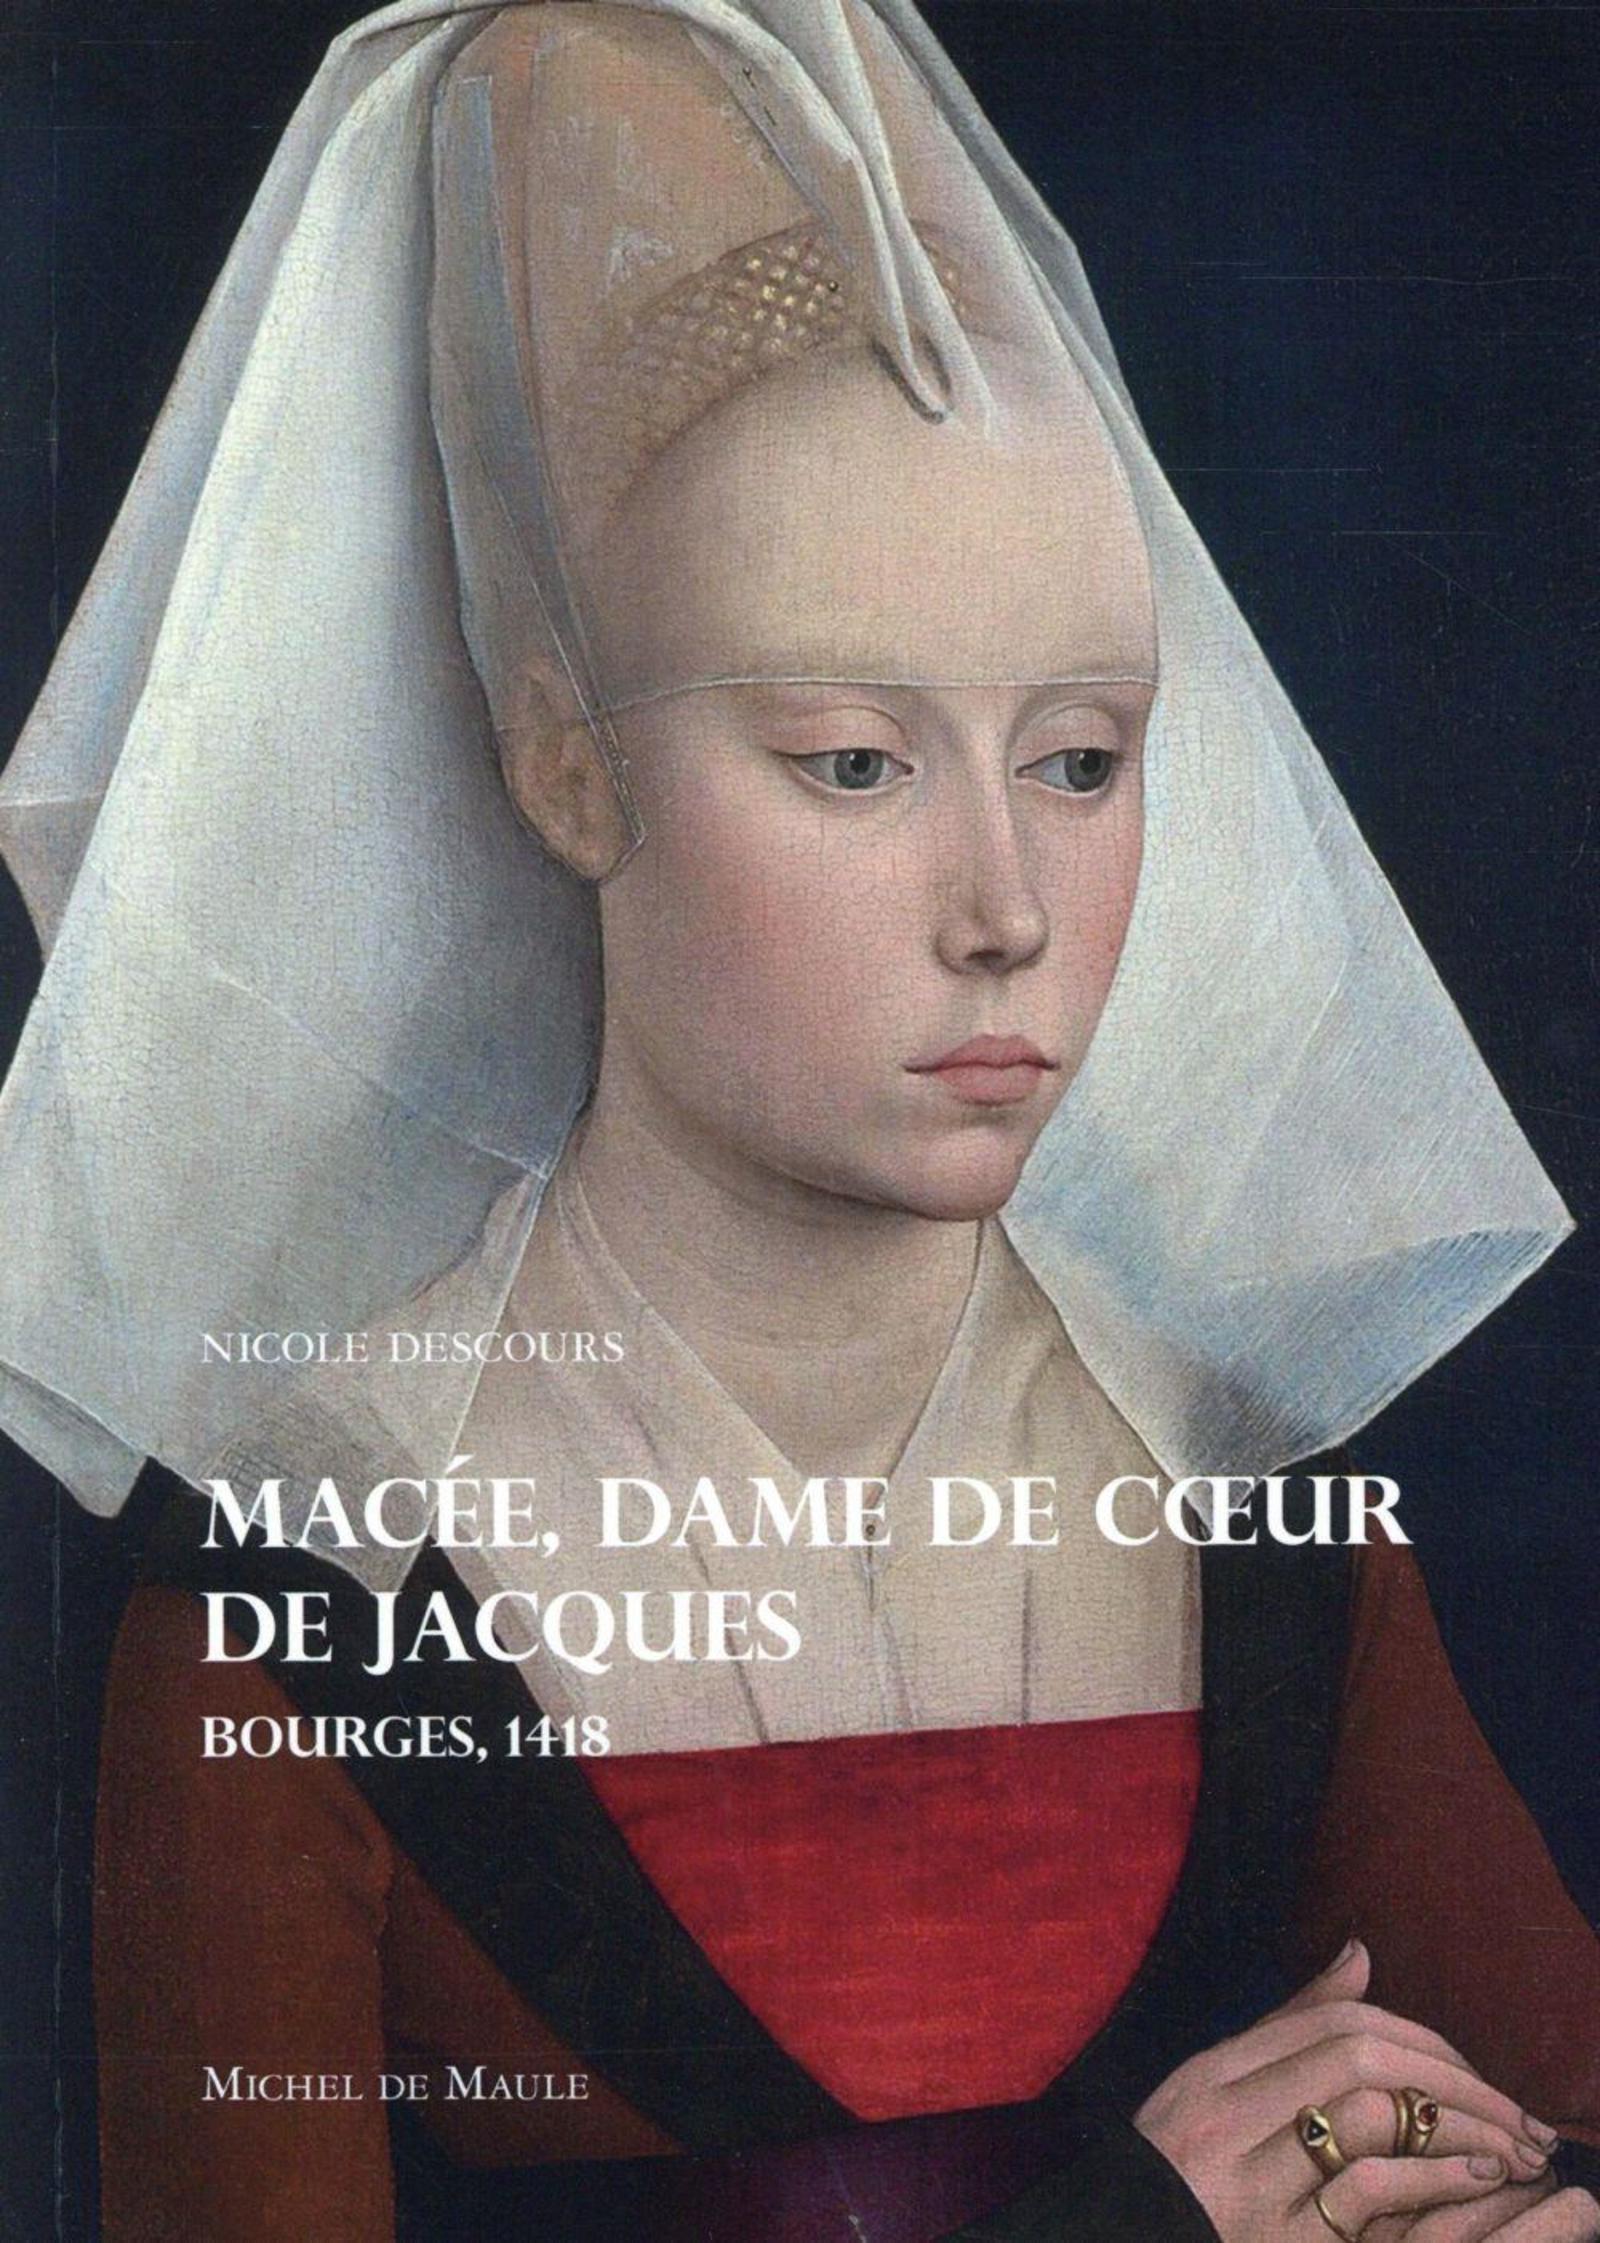 MACEE, DAME DE COEUR DE JACQUES BOURGES, 1418